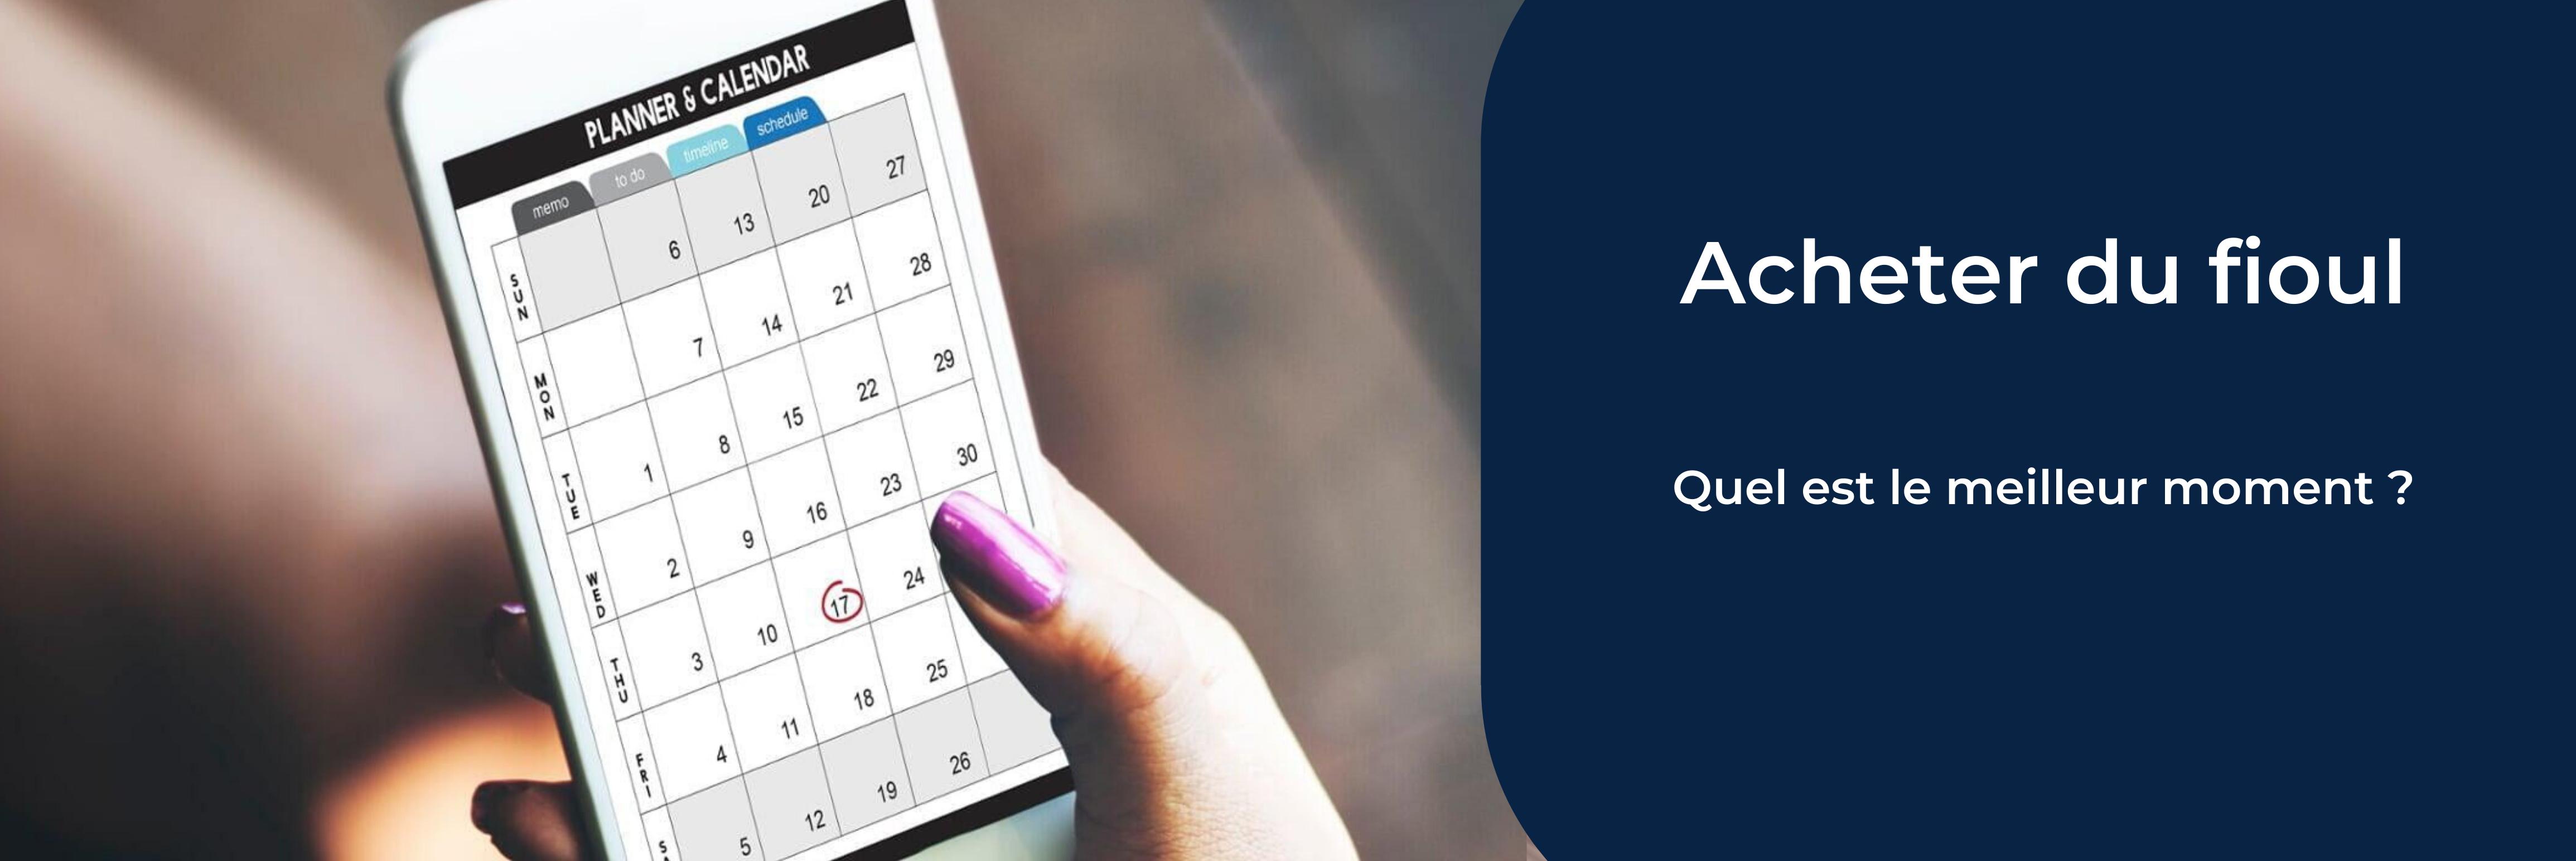 une main de femme tient un téléhone portable sur lequel on voit un calendrier